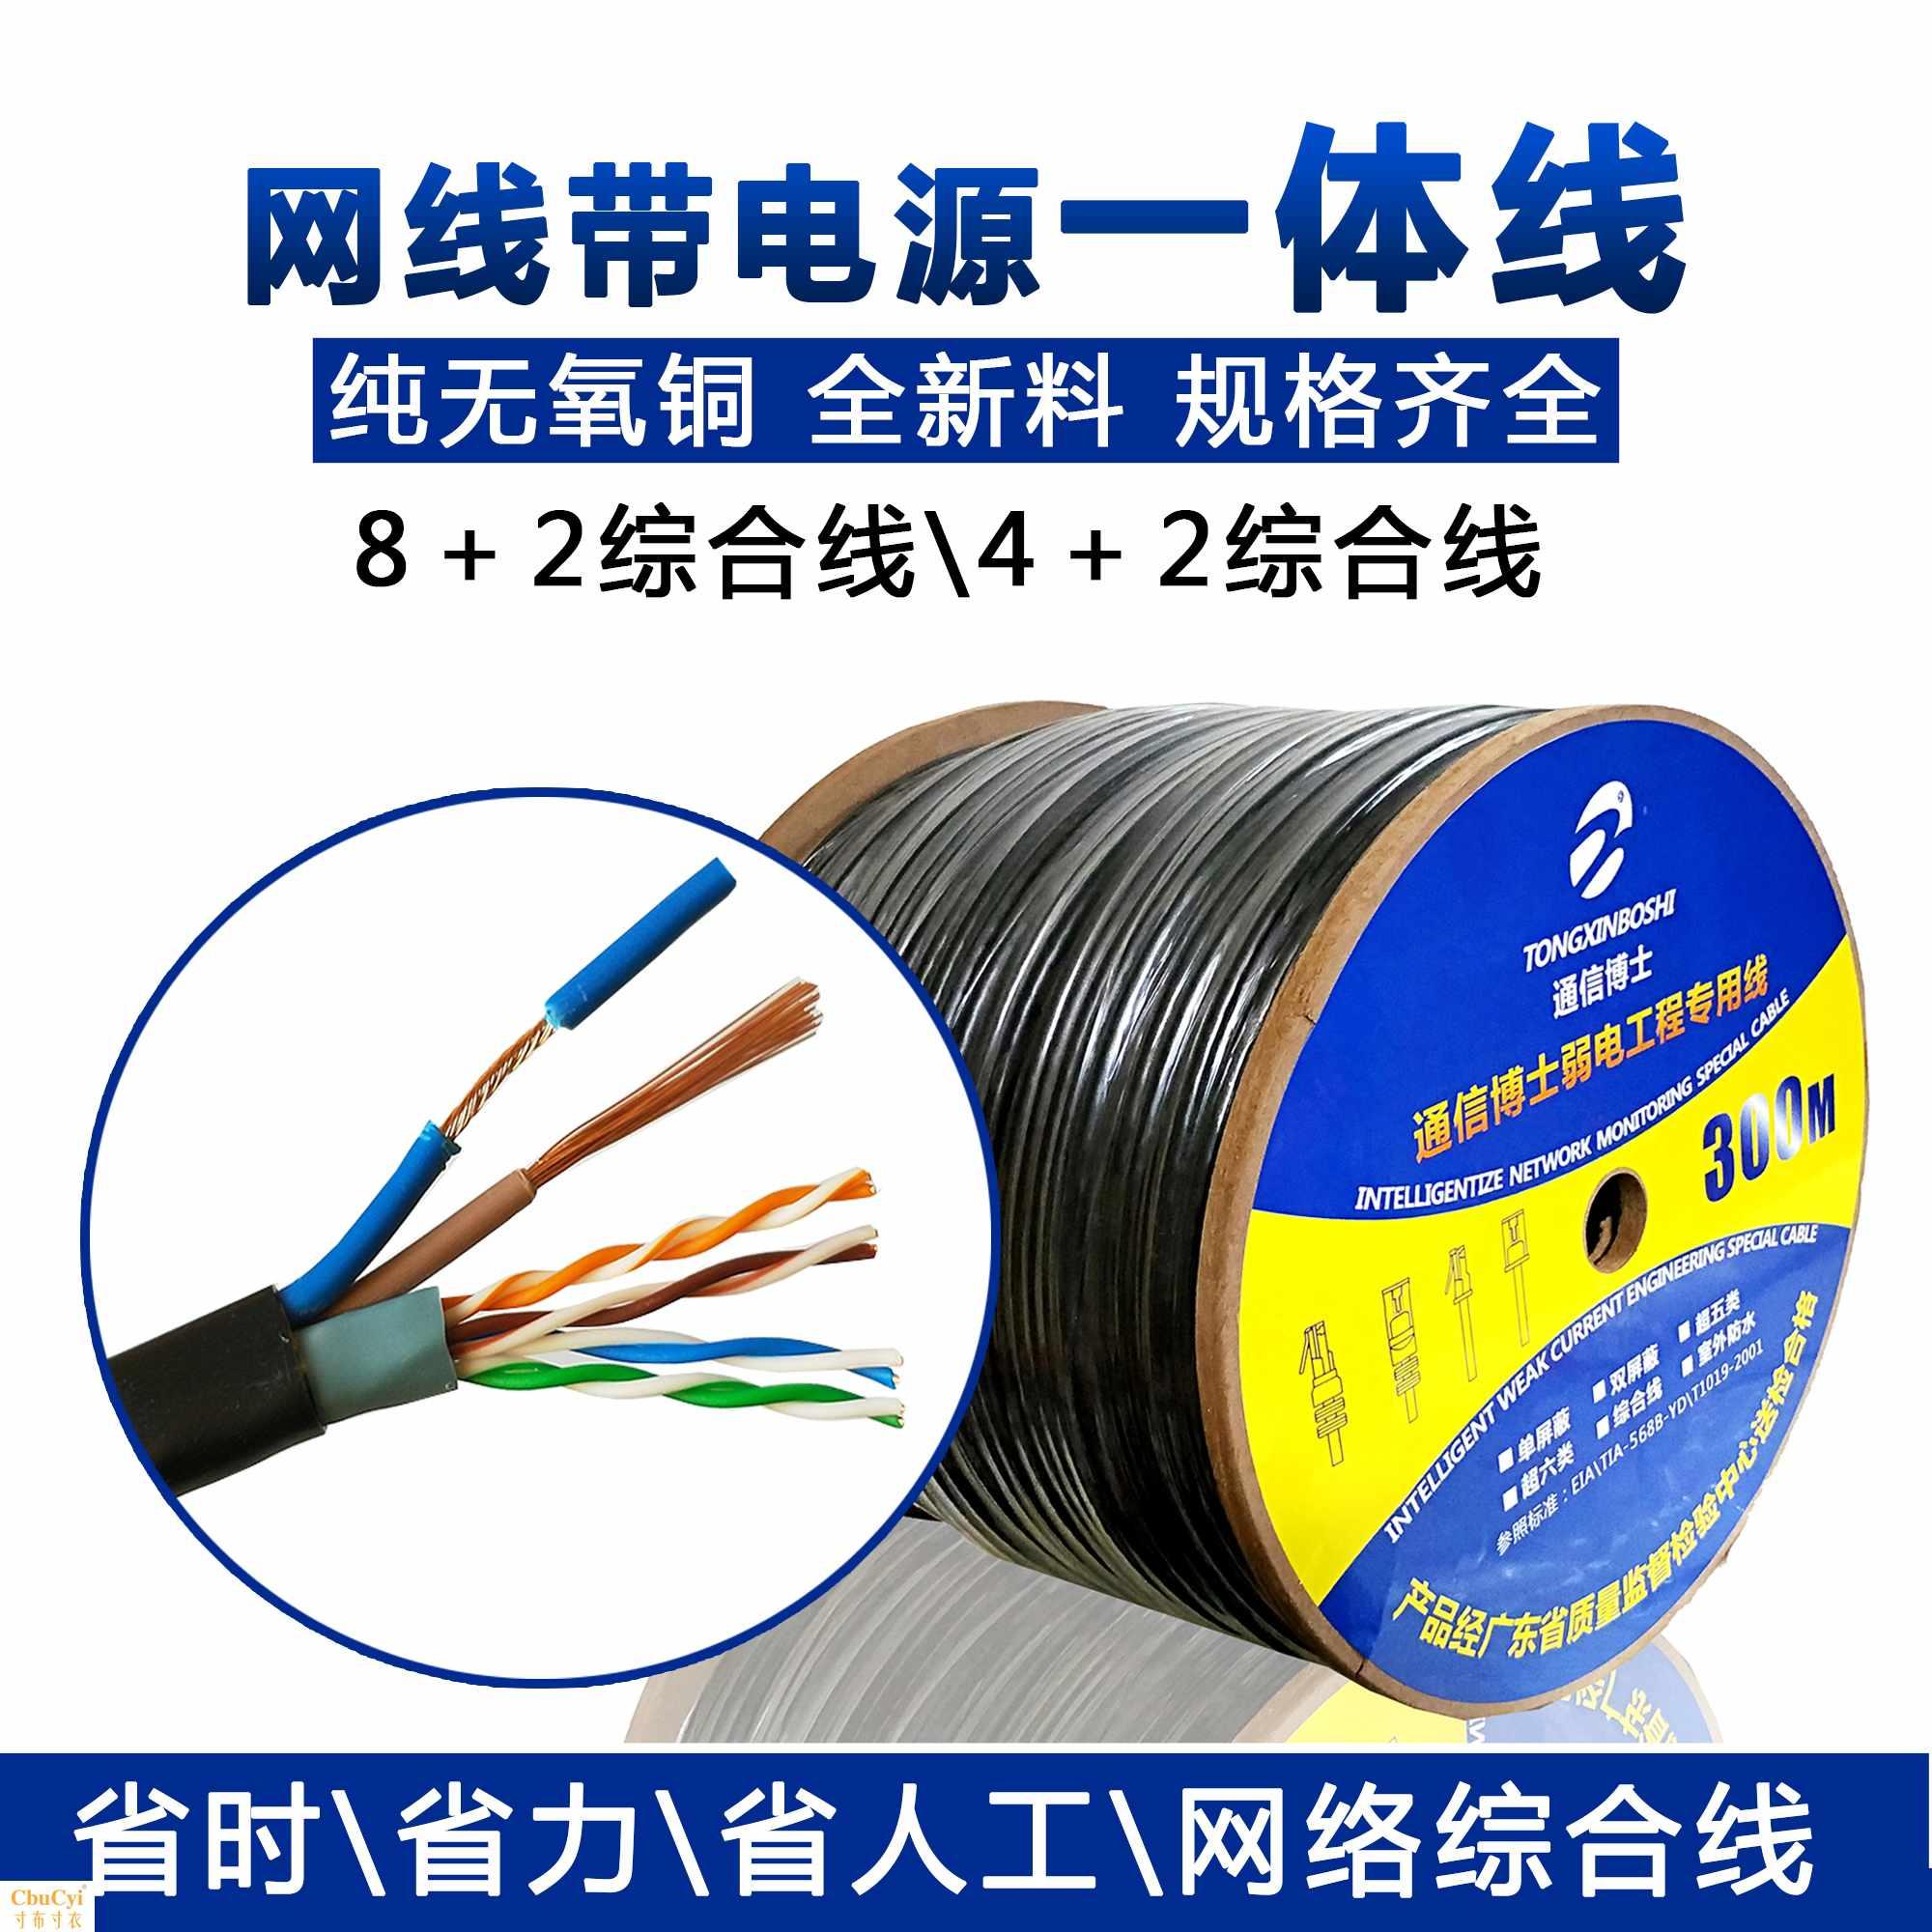 包邮纯铜 无氧铜4芯8心网线带电源一体 室外网络综合线监控双